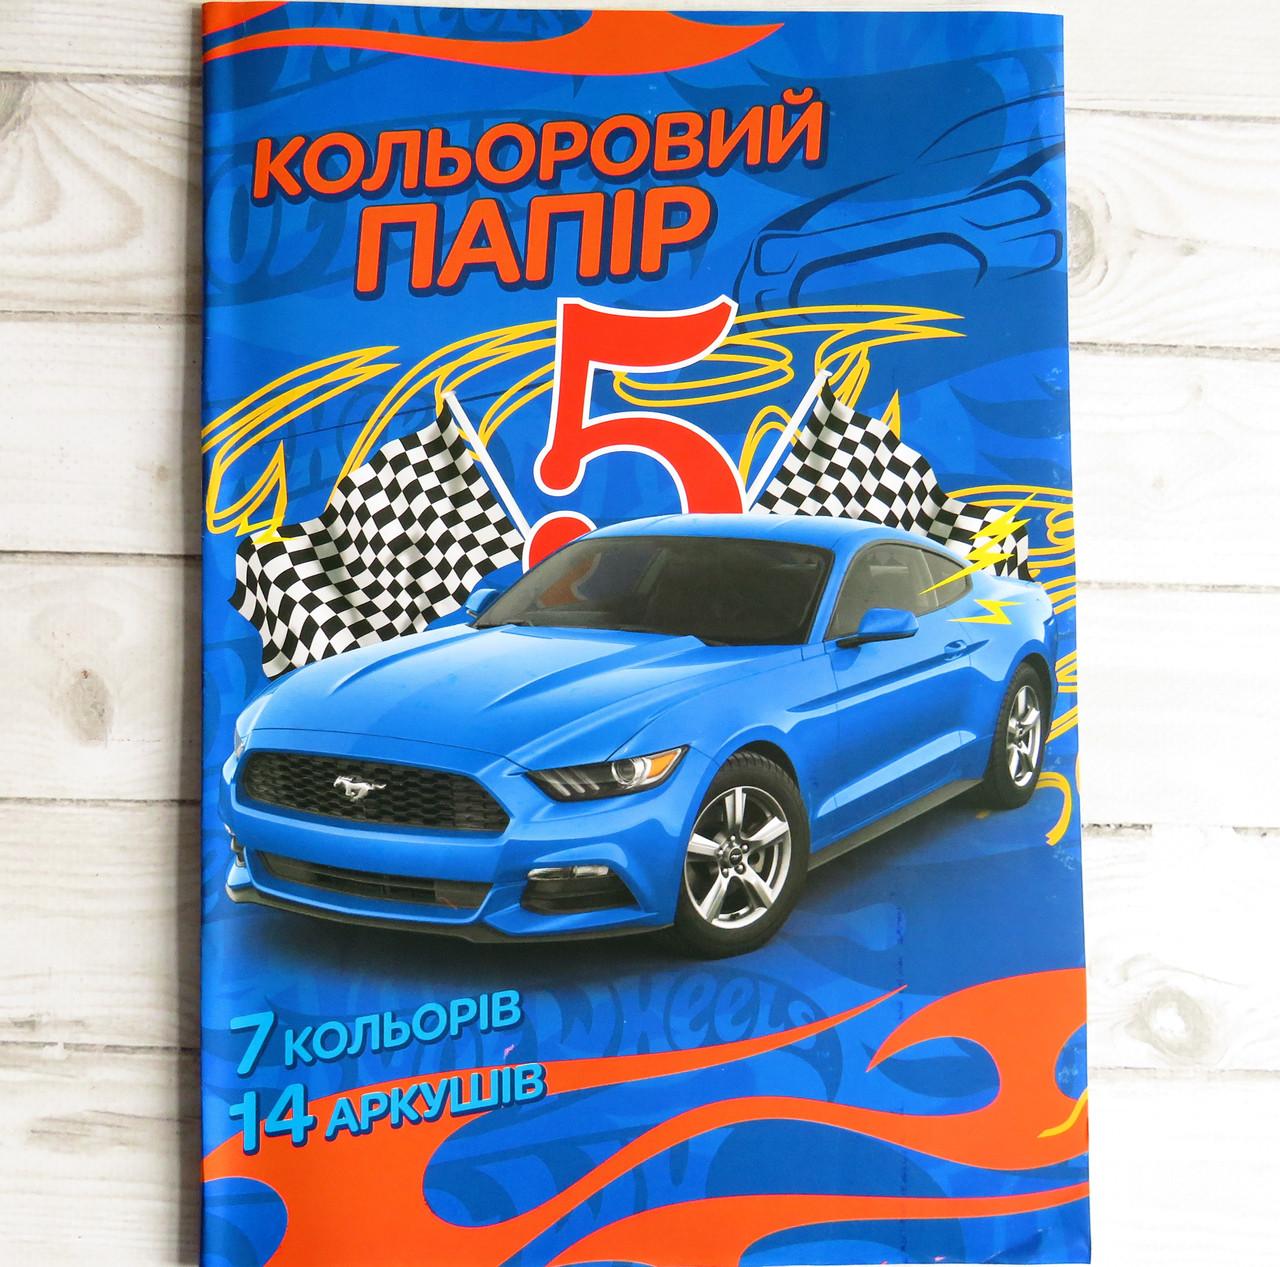 Кольоровий папір А4 7 кольорів 14 аркушів на скобі, спортивне авто